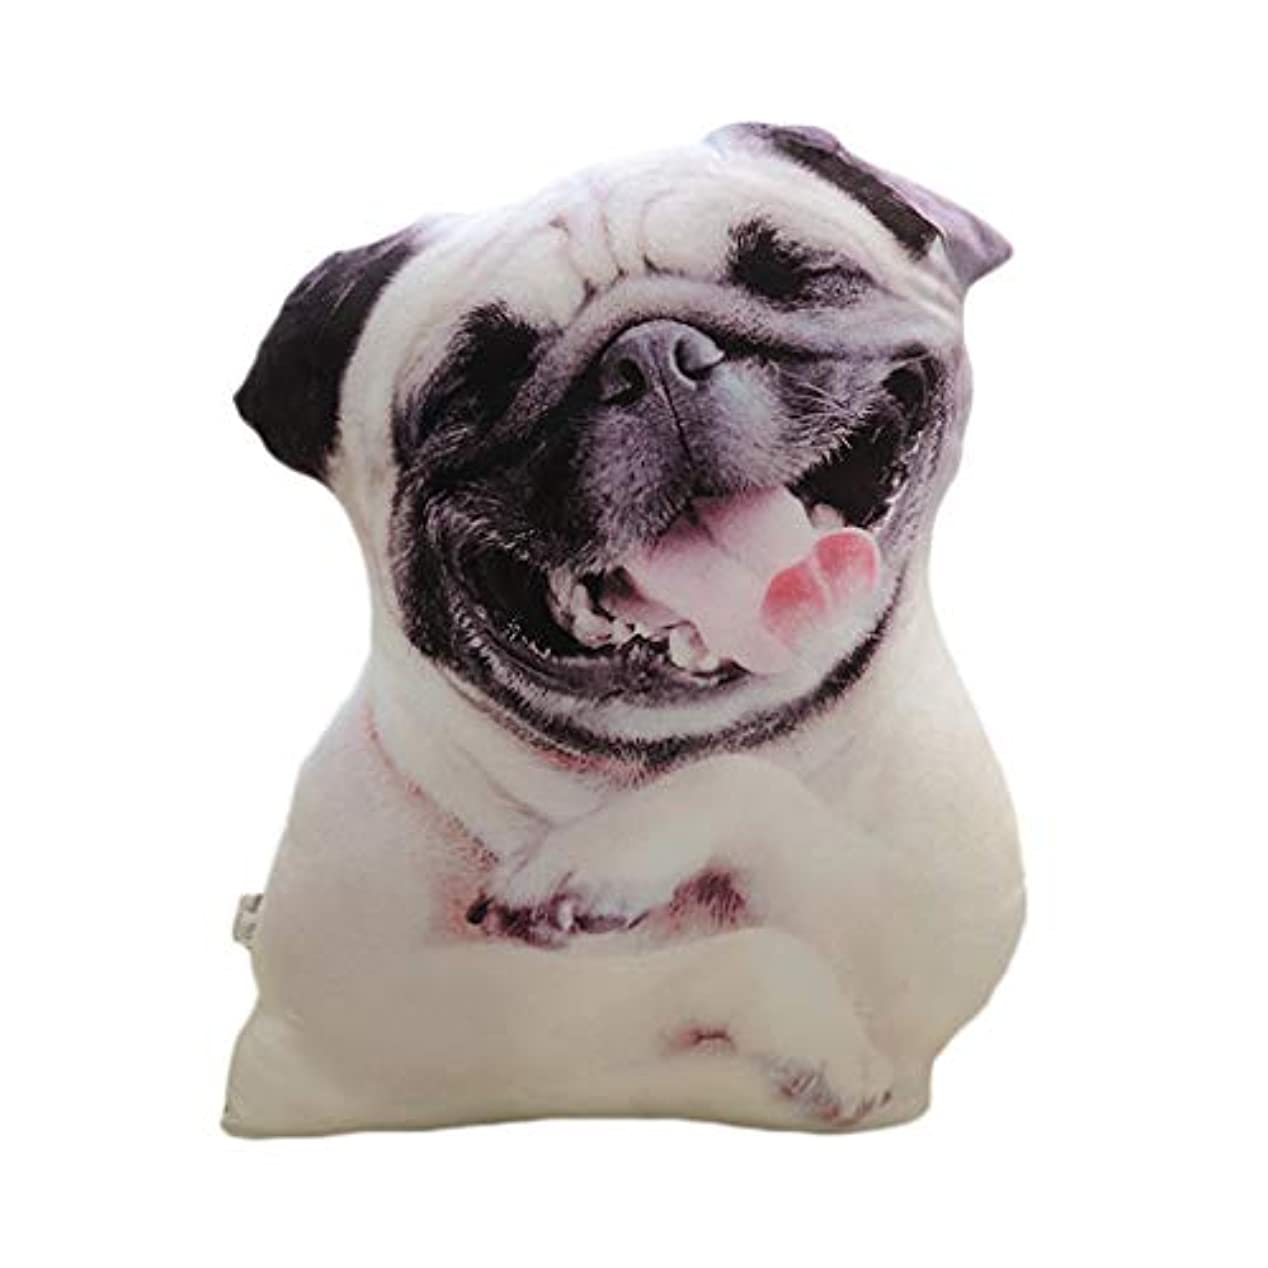 ハンサムラビリンスレビューLIFE 装飾クッションソファおかしい 3D 犬印刷スロー枕創造クッションかわいいぬいぐるみギフト家の装飾 coussin decoratif クッション 椅子